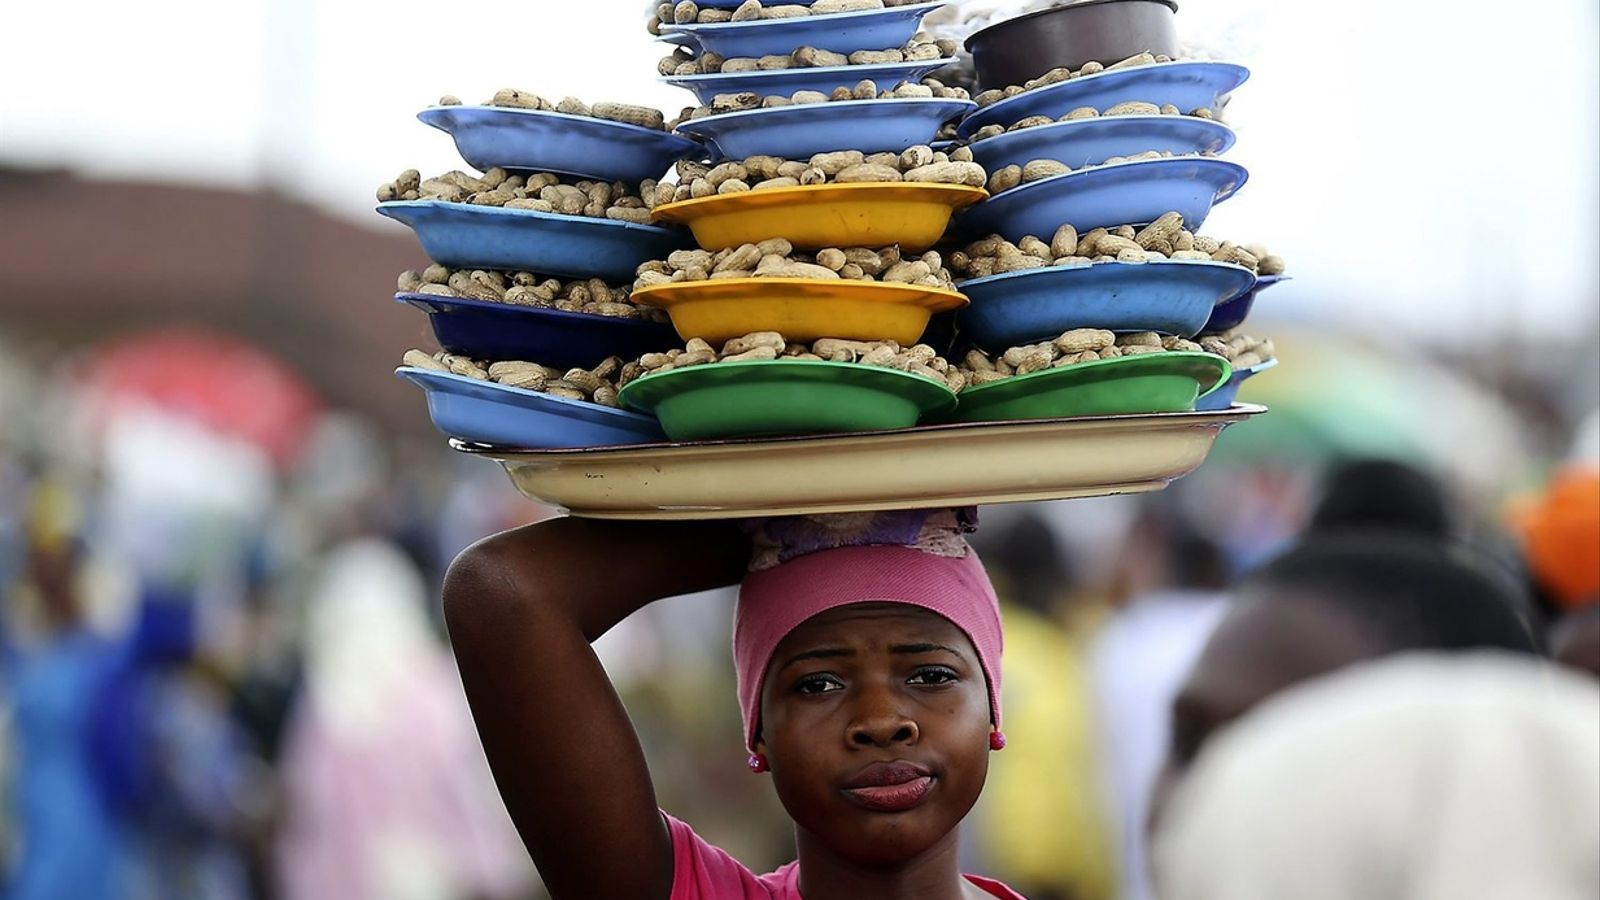 Un retrat de les dones de l'Àfrica i l'Àsia